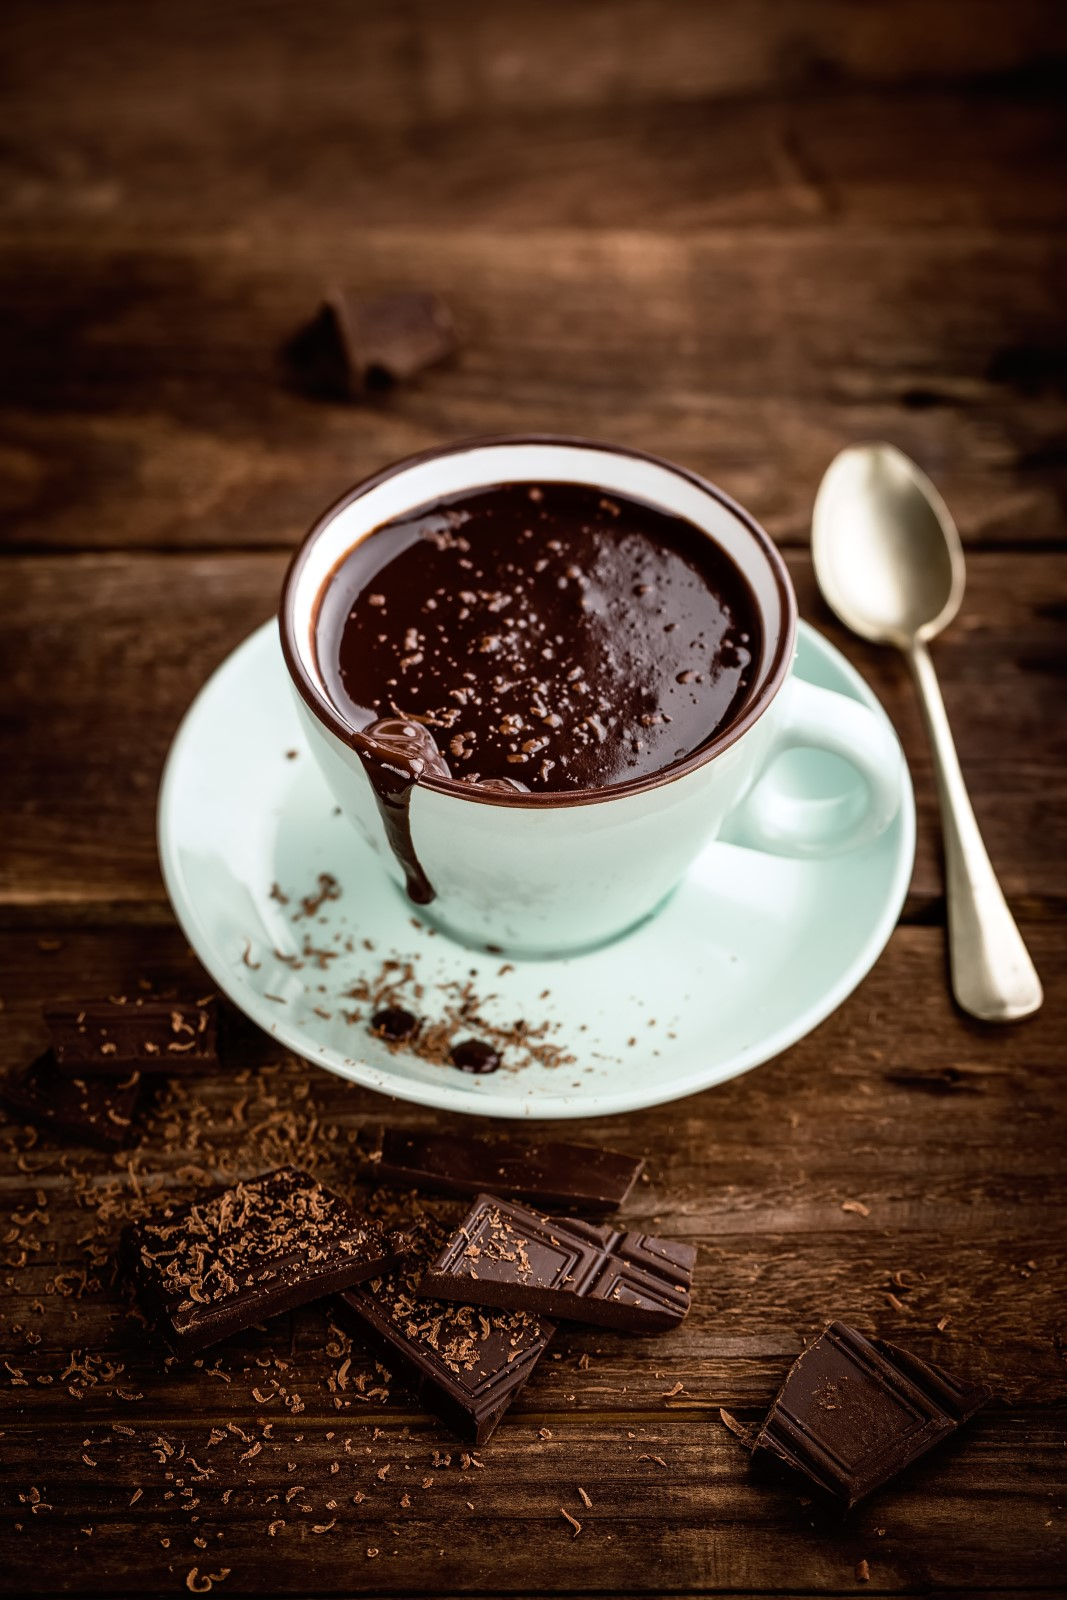 La cioccolata calda, una bontà ideale per merenda.